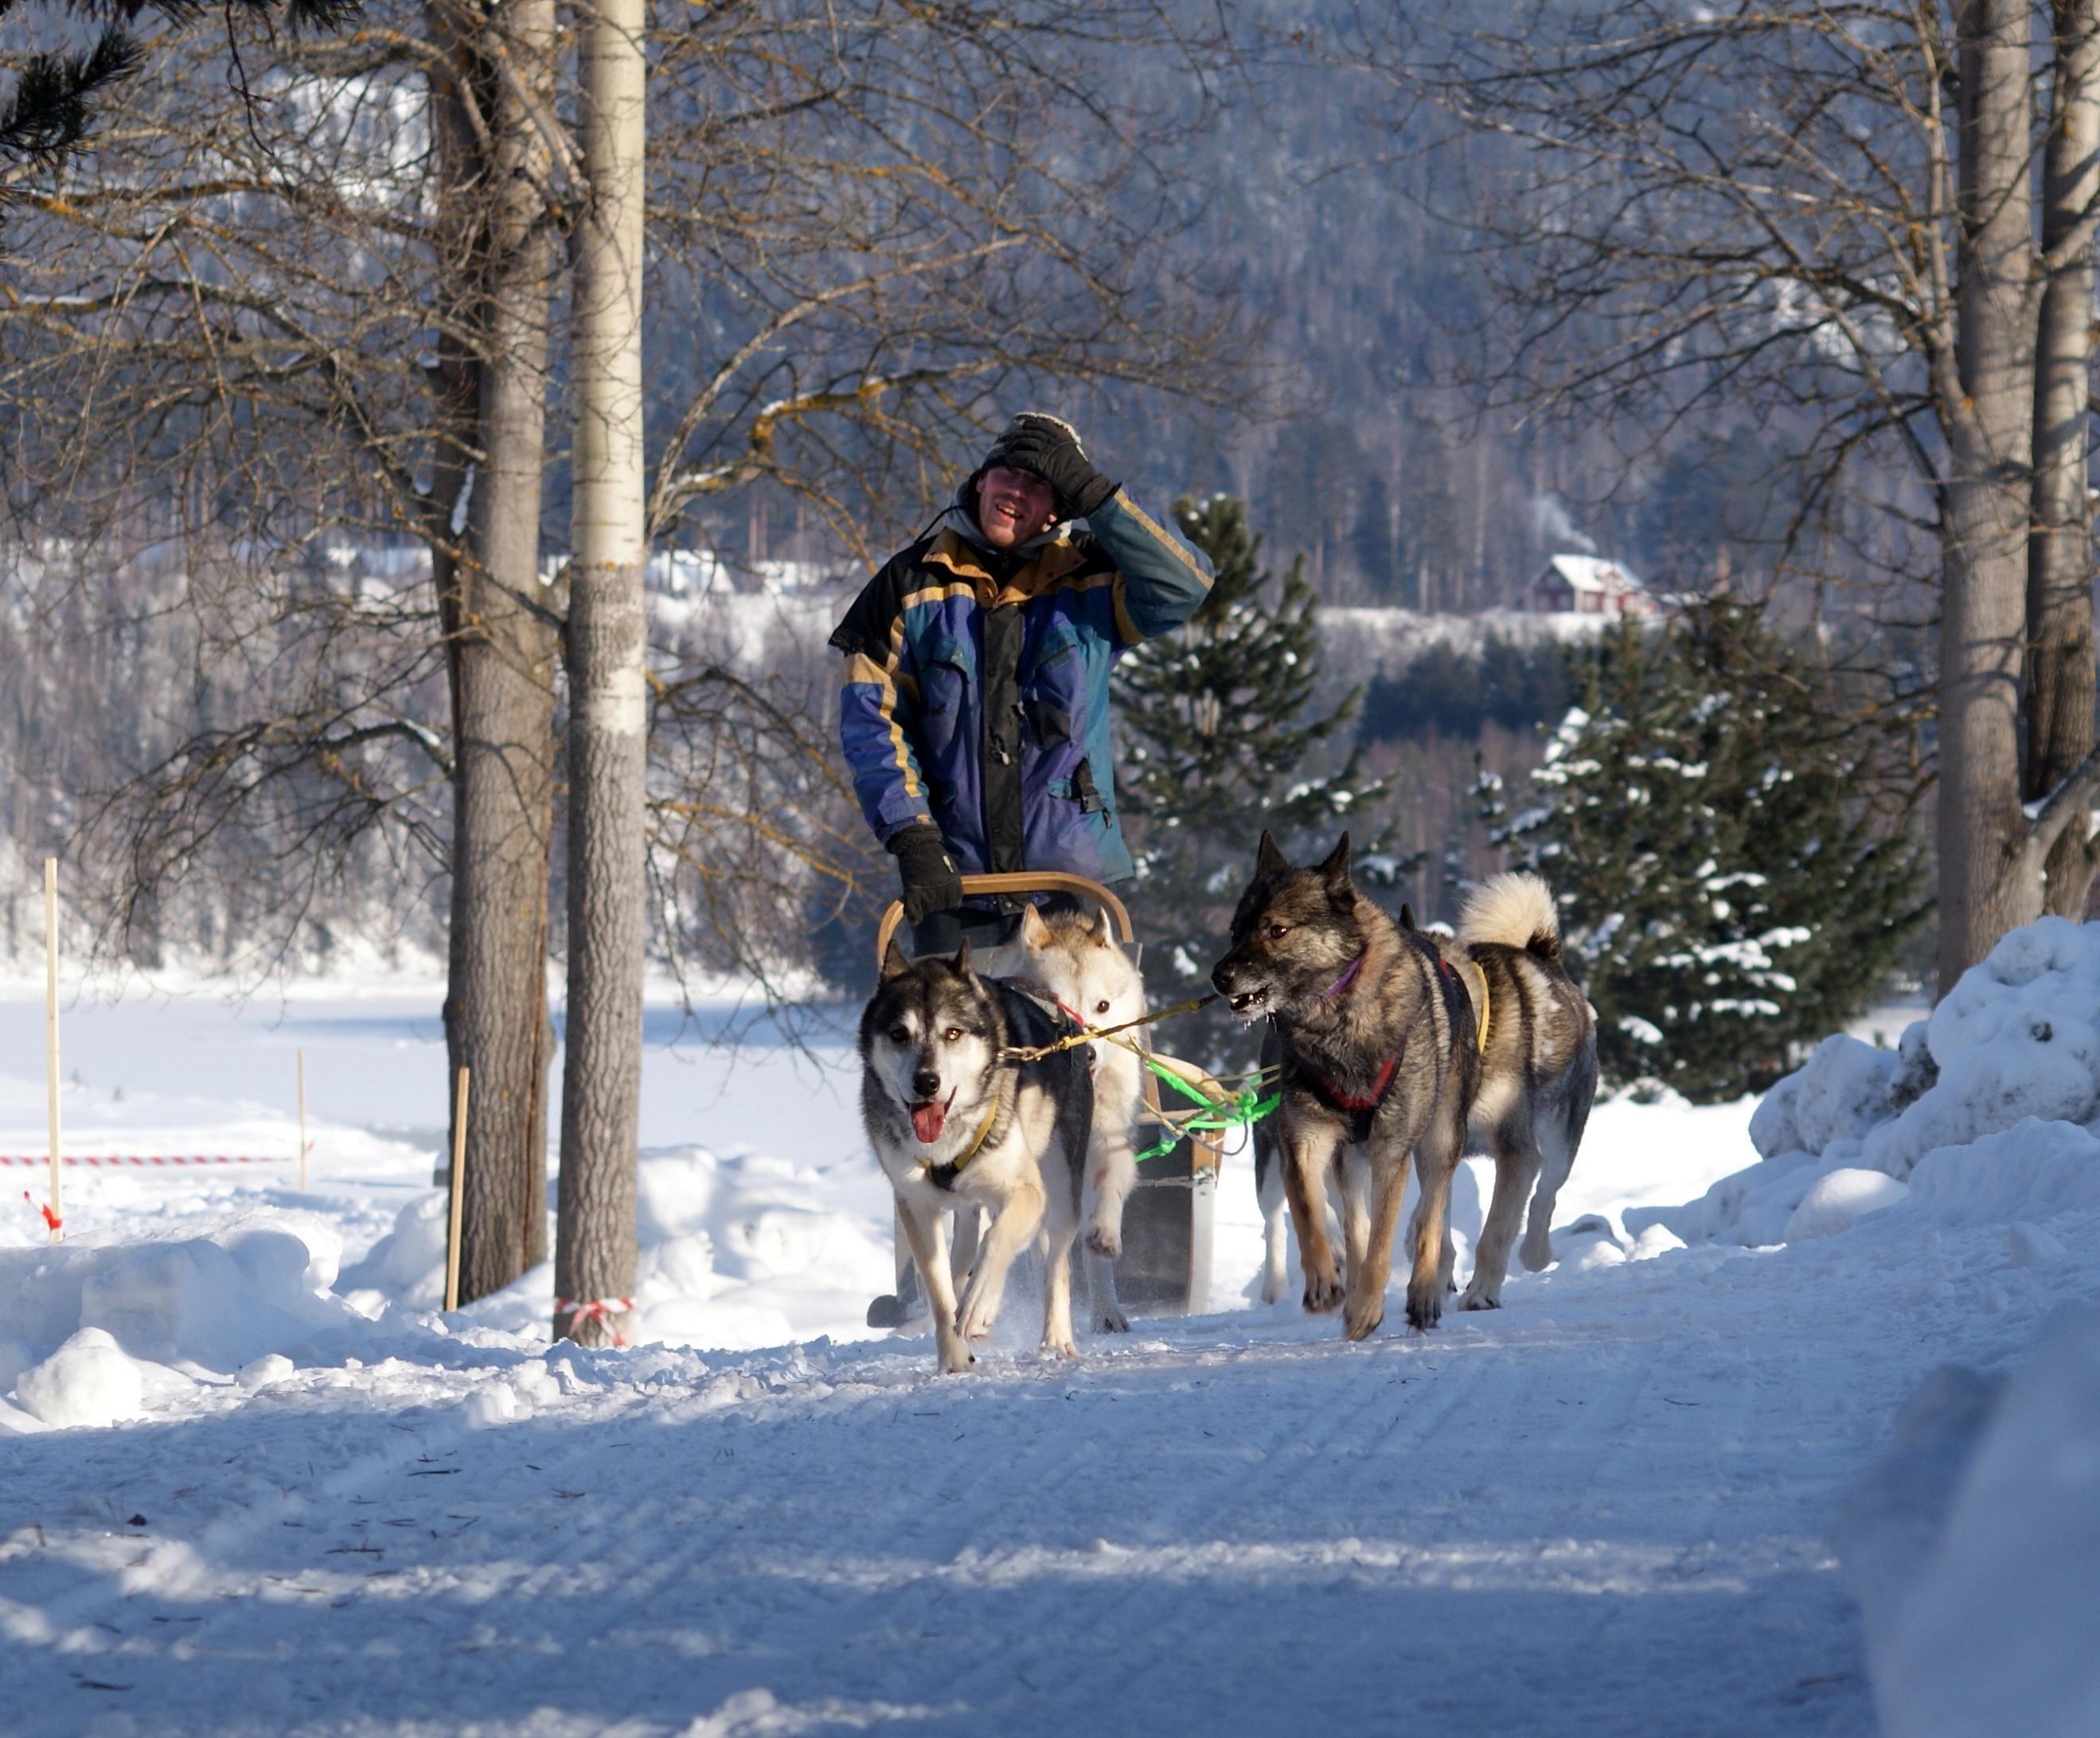 Camilla Eklund, Dogsledding trips in Ådalen